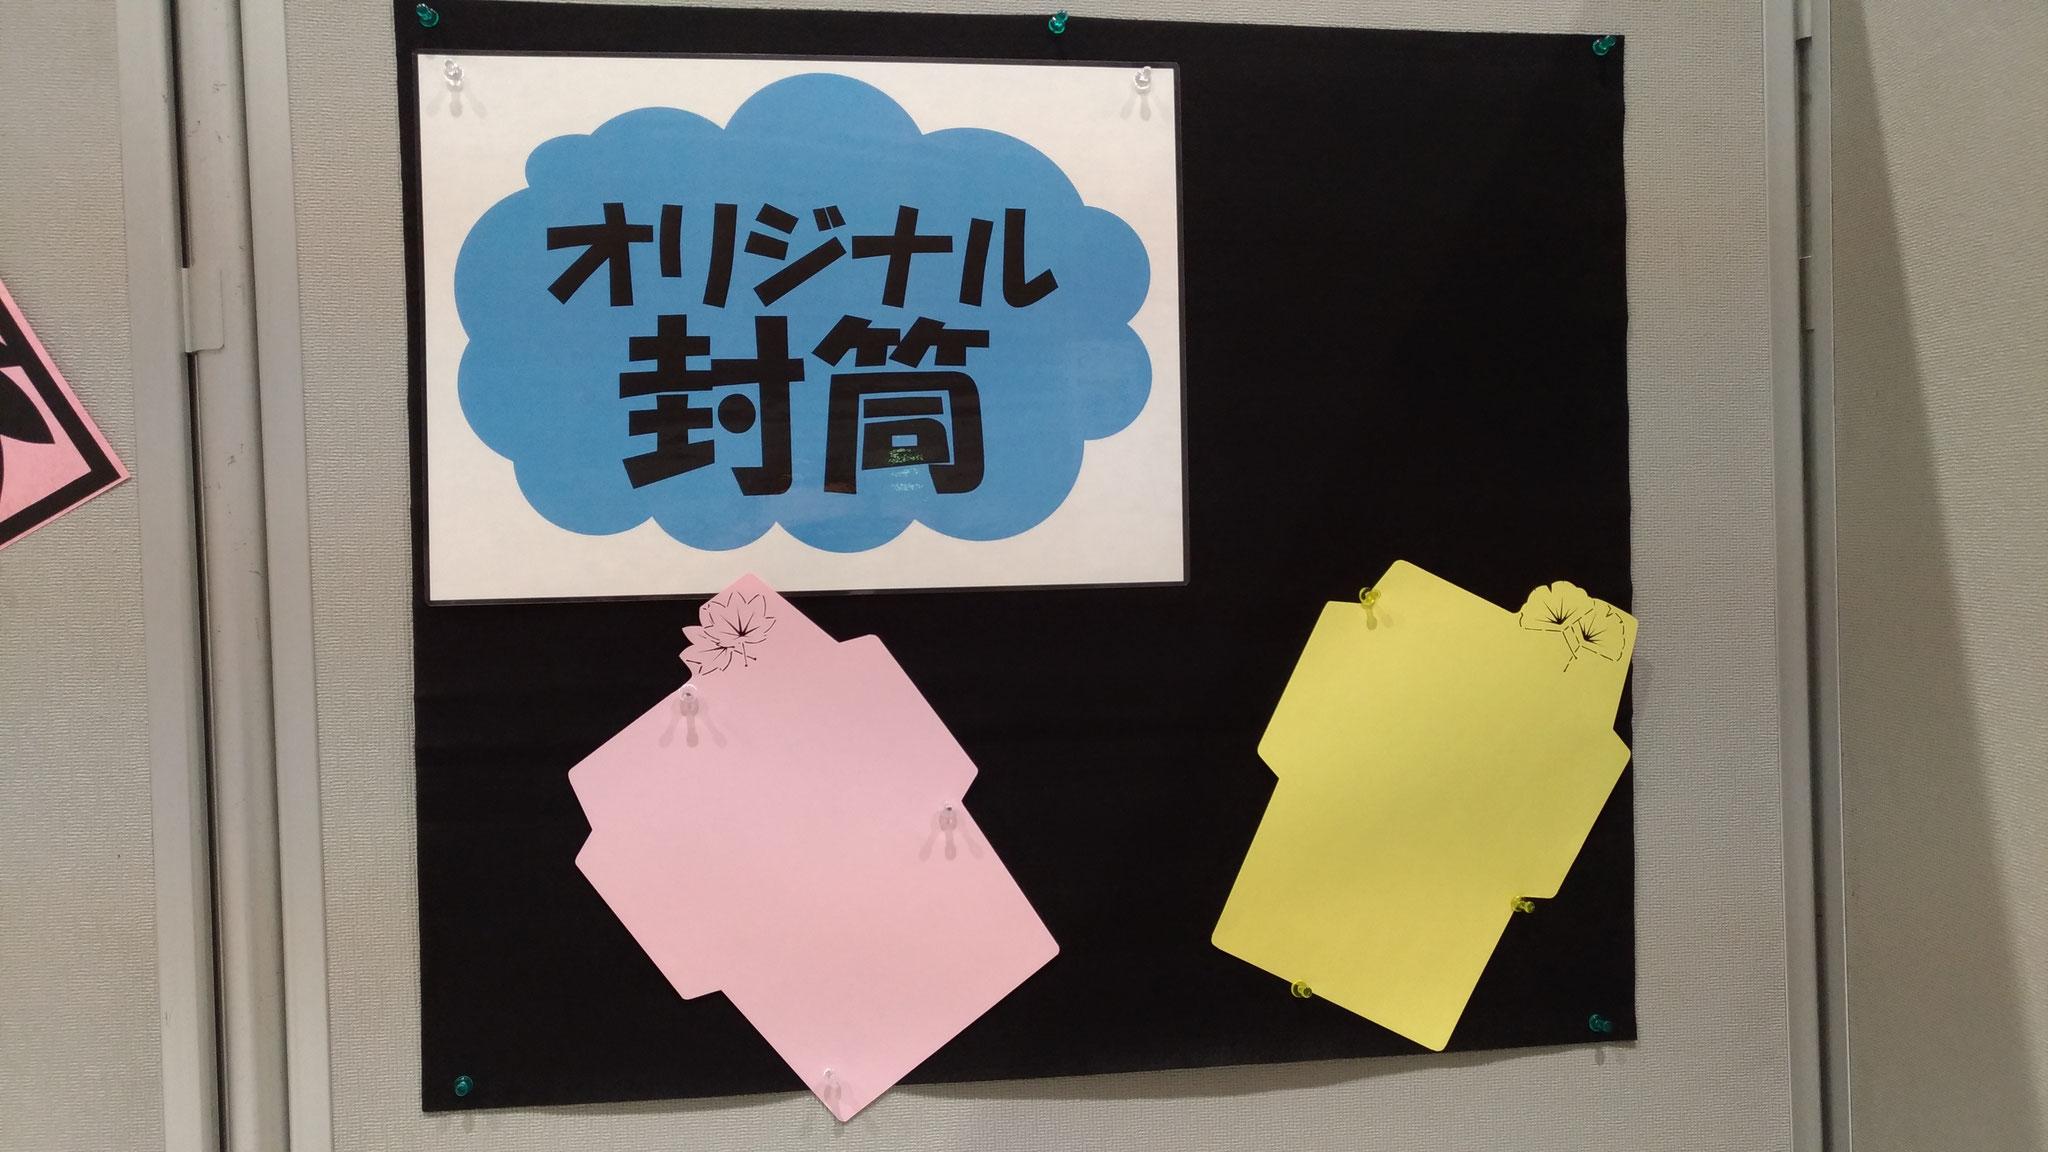 展示させていただいたサンプルその2です。ピンクの封筒が代表作成の追加サンプルです。